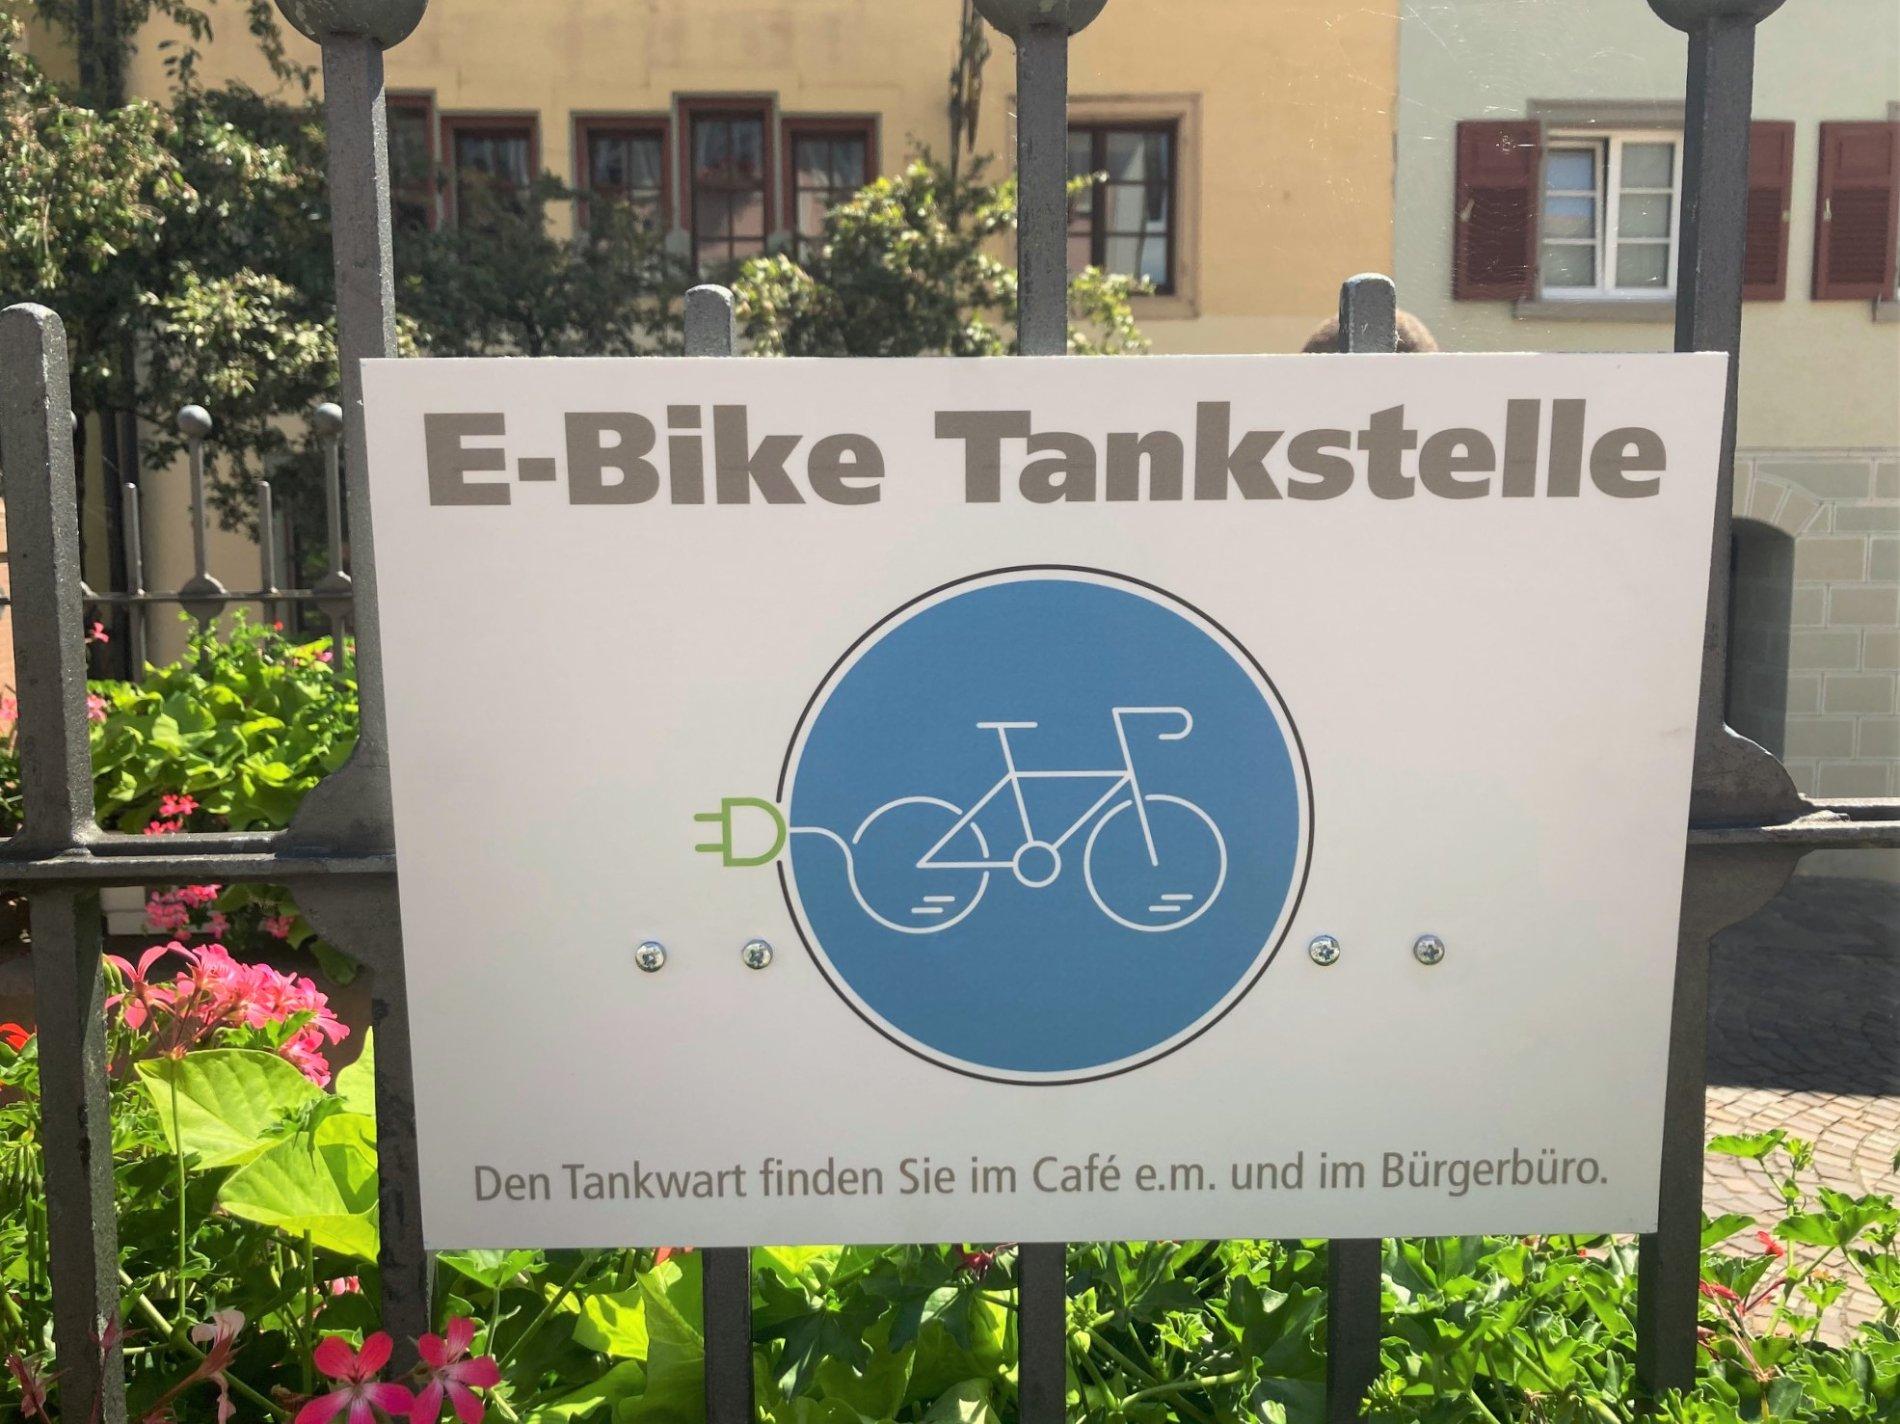 E-Bike-Tankstelle